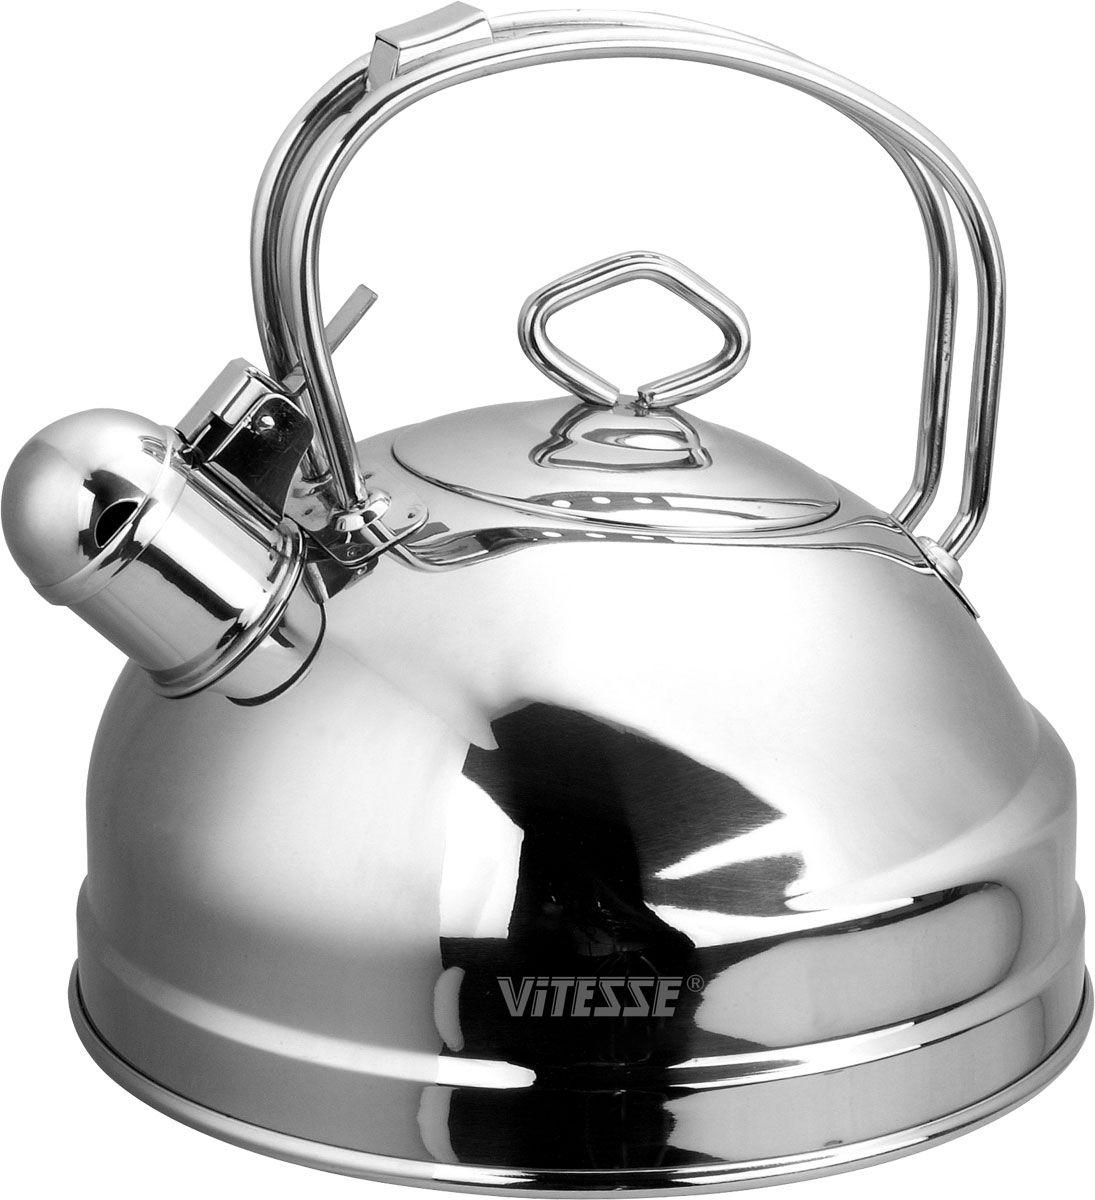 Чайник Vitesse Nayer со свистком, 2,5 лVS-1106-1Чайник Vitesse Nayer выполнен из высококачественной нержавеющей стали 18/10. Капсулированное дно с прослойкой из алюминия обеспечивает наилучшее распределение тепла. Носик чайника оснащен откидной насадкой-свистком, что позволит вам контролировать процесс подогрева или кипячения воды. Ручка не нагревается, имеет фиксированное положение. Чайник Vitesse Nayer подходит для использования на всех типах плит. Также изделие можно мыть в посудомоечной машине. Характеристики: Материал: нержавеющая сталь 18/10.Диаметр основания чайника: 20 см.Высота чайника (с учетом крышки и ручки):22 см.Объем:2,5 л.Размер упаковки:20,5 см х 20,5 см х 22,5 см. Изготовитель:Китай. Артикул:VS-1106.Кухонная посуда марки Vitesseиз нержавеющей стали 18/10 предоставит вам все необходимое для получения удовольствия от приготовления пищи и принесет радость от его результатов. Посуда Vitesse обладает выдающимися функциональными свойствами. Легкие в уходе кастрюли и сковородки имеют плотно закрывающиеся крышки, которые дают возможность готовить с малым количеством воды и экономией энергии, и идеально подходят для всех видов плит: газовых, электрических, стеклокерамических и индукционных. Конструкция дна посуды гарантирует быстрое поглощение тепла, его равномерное распределение и сохранение. Великолепно отполированная поверхность, а также многочисленные конструктивные новшества, заложенные во все изделия Vitesse, позволит вам открыть новые горизонты приготовления уже знакомых блюд. Для производства посуды Vitesseиспользуются только высококачественные материалы, которые соответствуют международным стандартам.